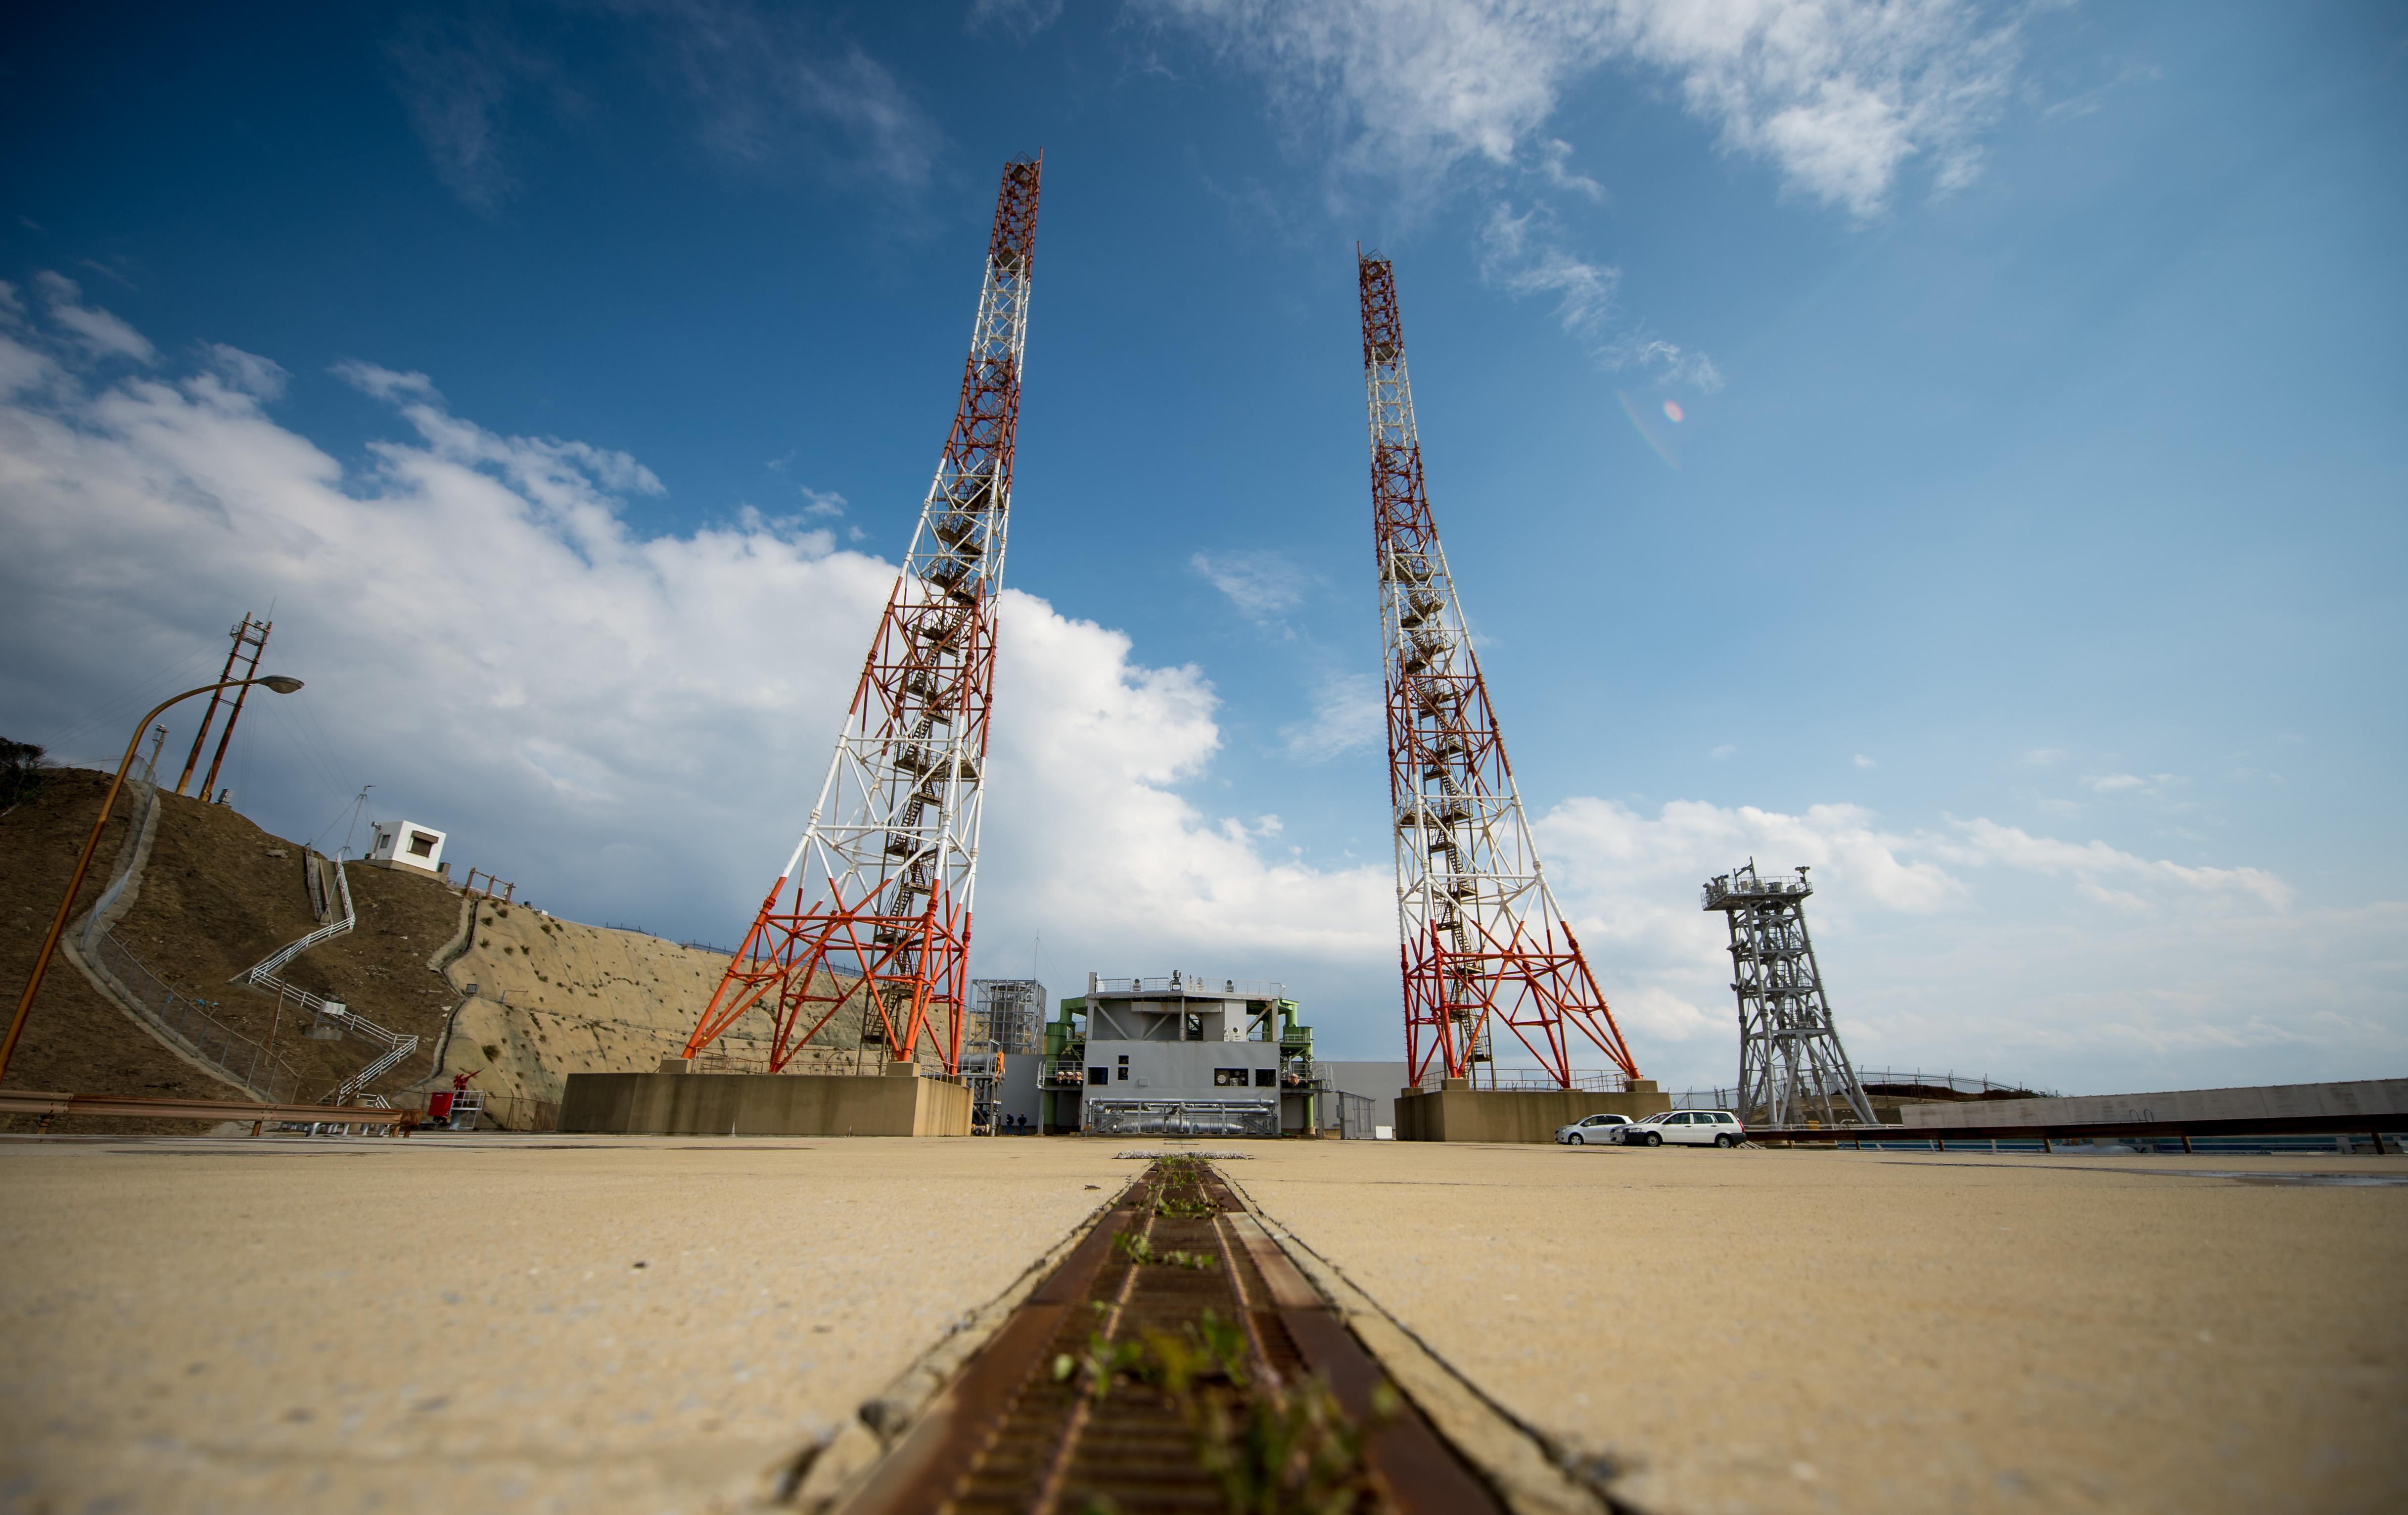 Tanegashima: Japan's Largest Space Center